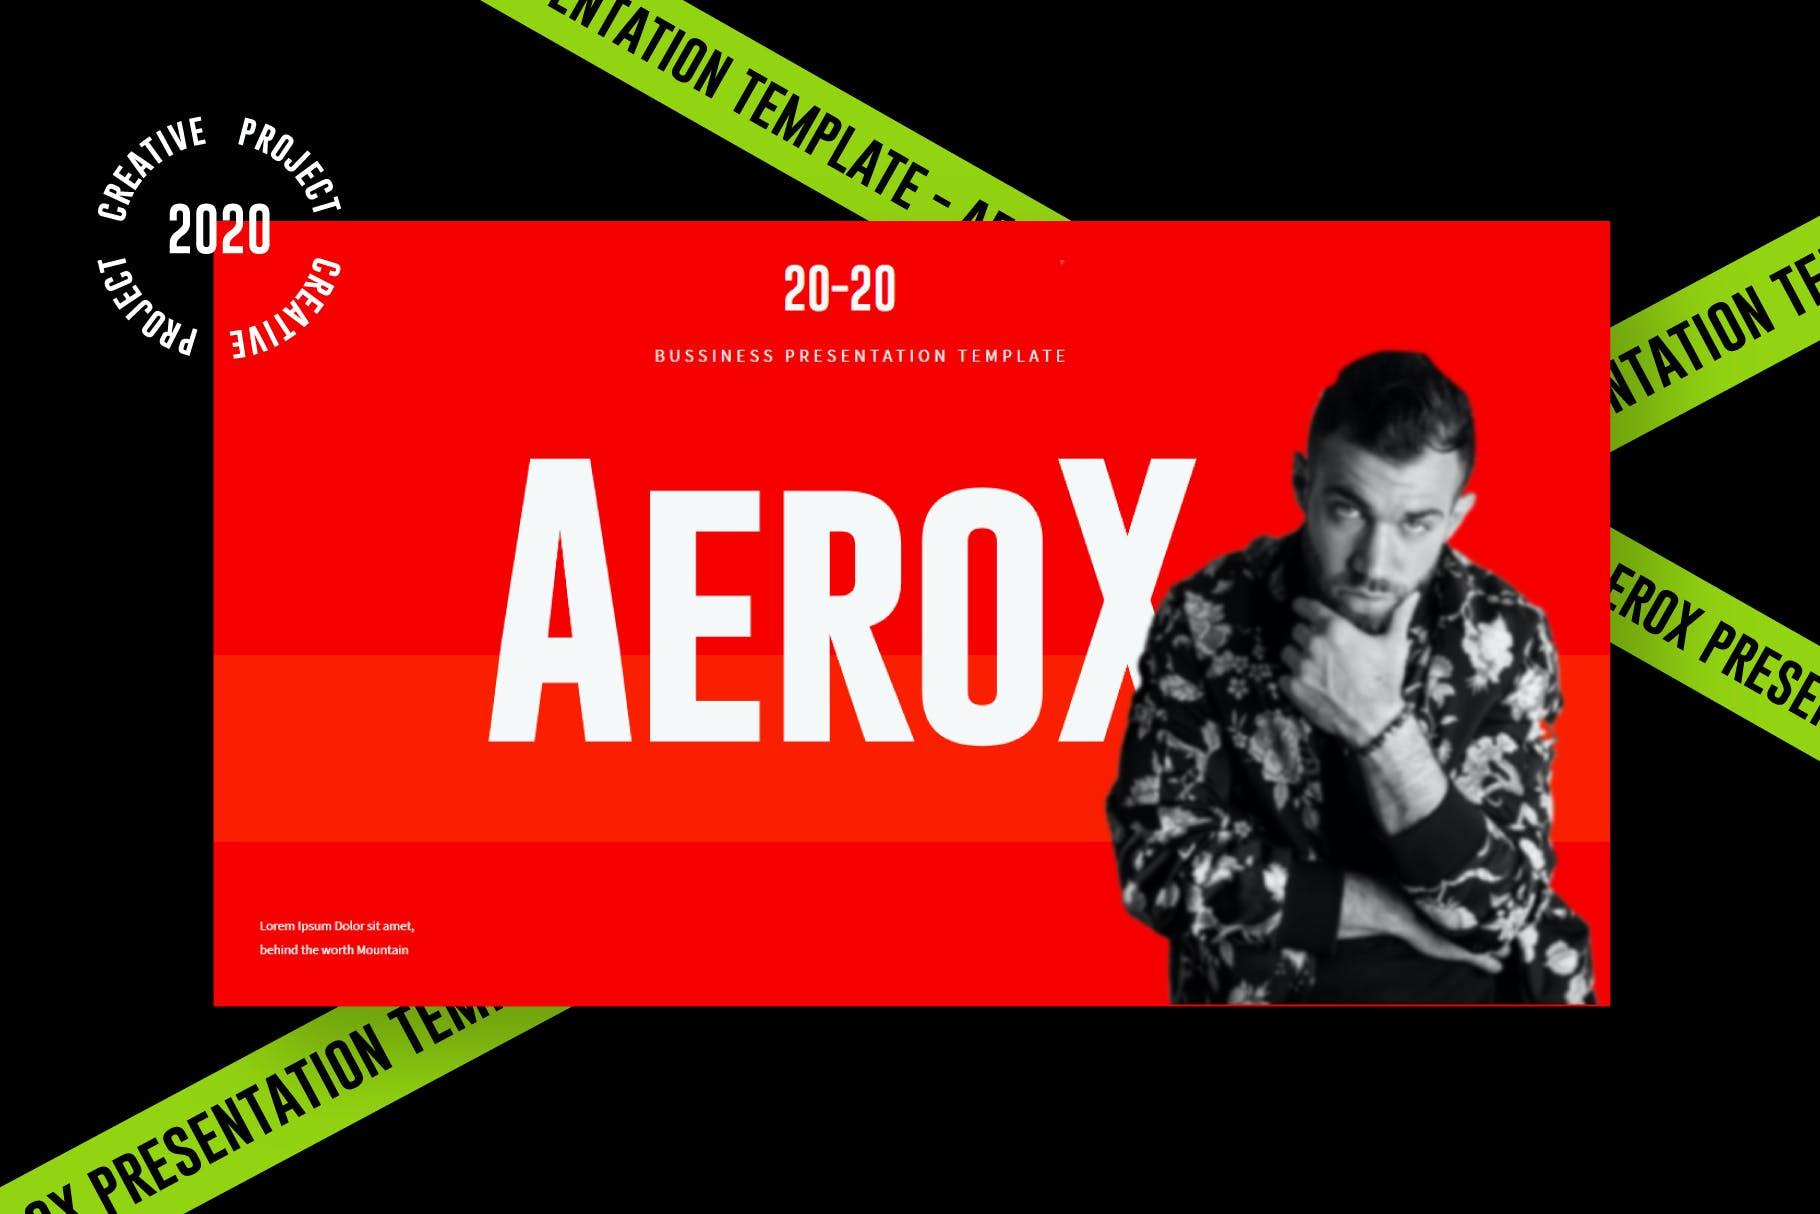 时尚潮流撞色运动潮牌品牌推广PPT演示文稿模板素材 Aerox – Powerpoint Template插图(1)